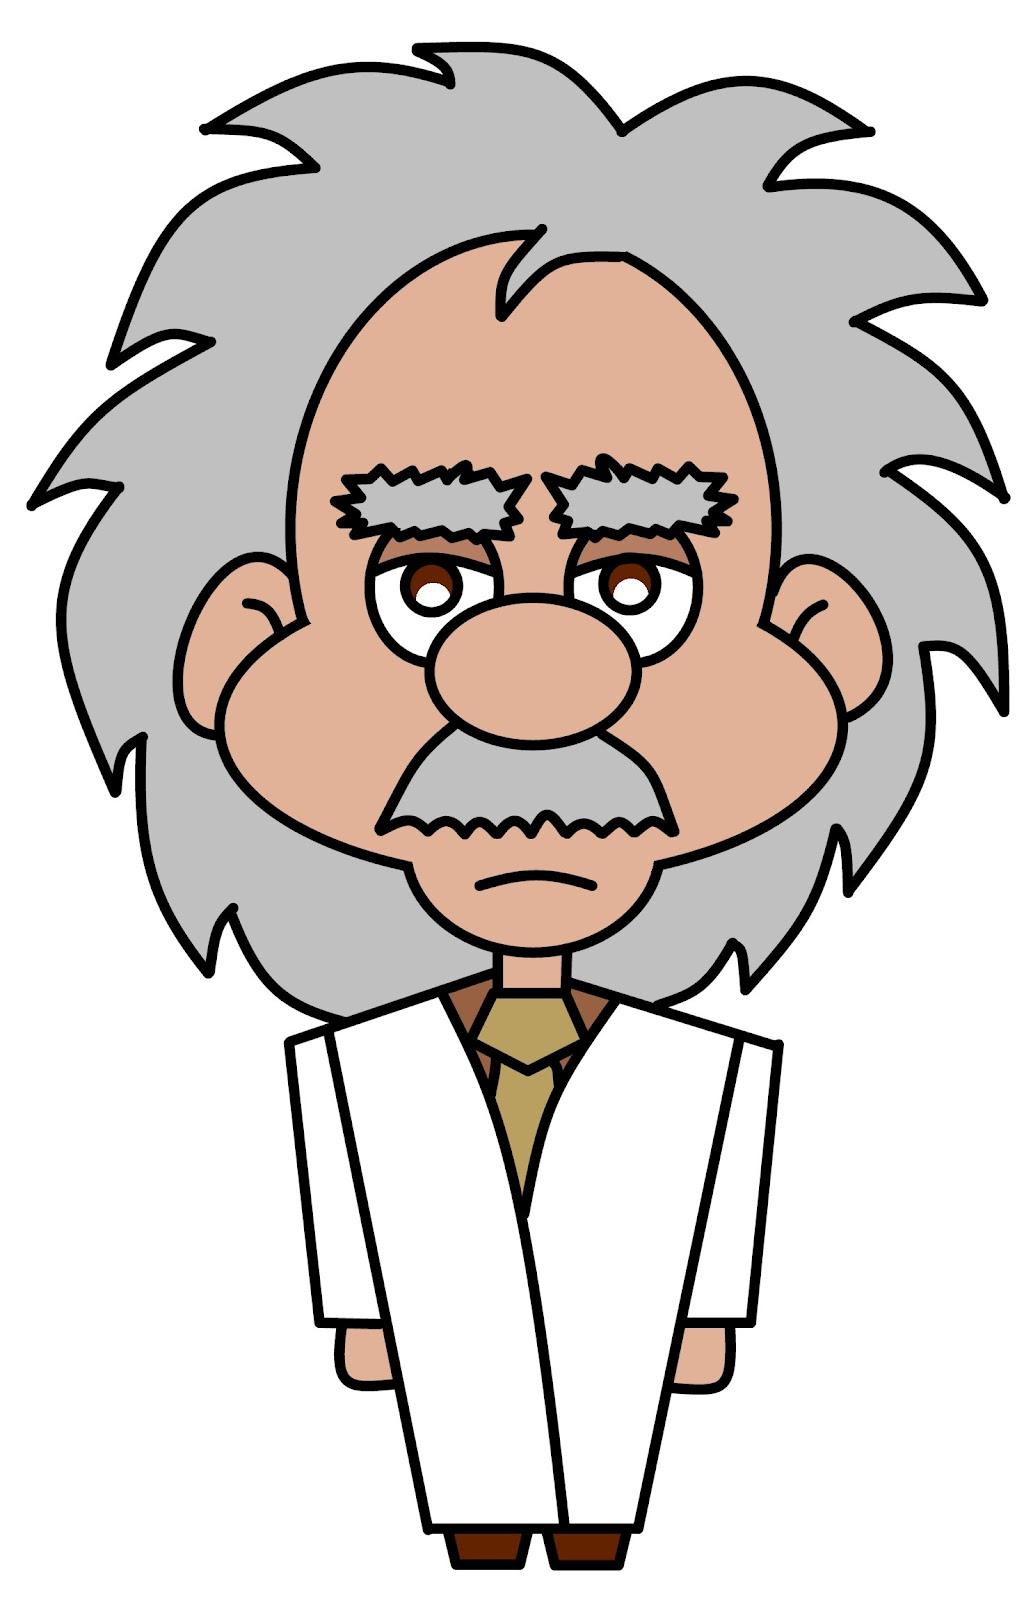 Animated einstein clipart clipart free download Free Albert Einstein Cartoon, Download Free Clip Art, Free Clip Art ... clipart free download